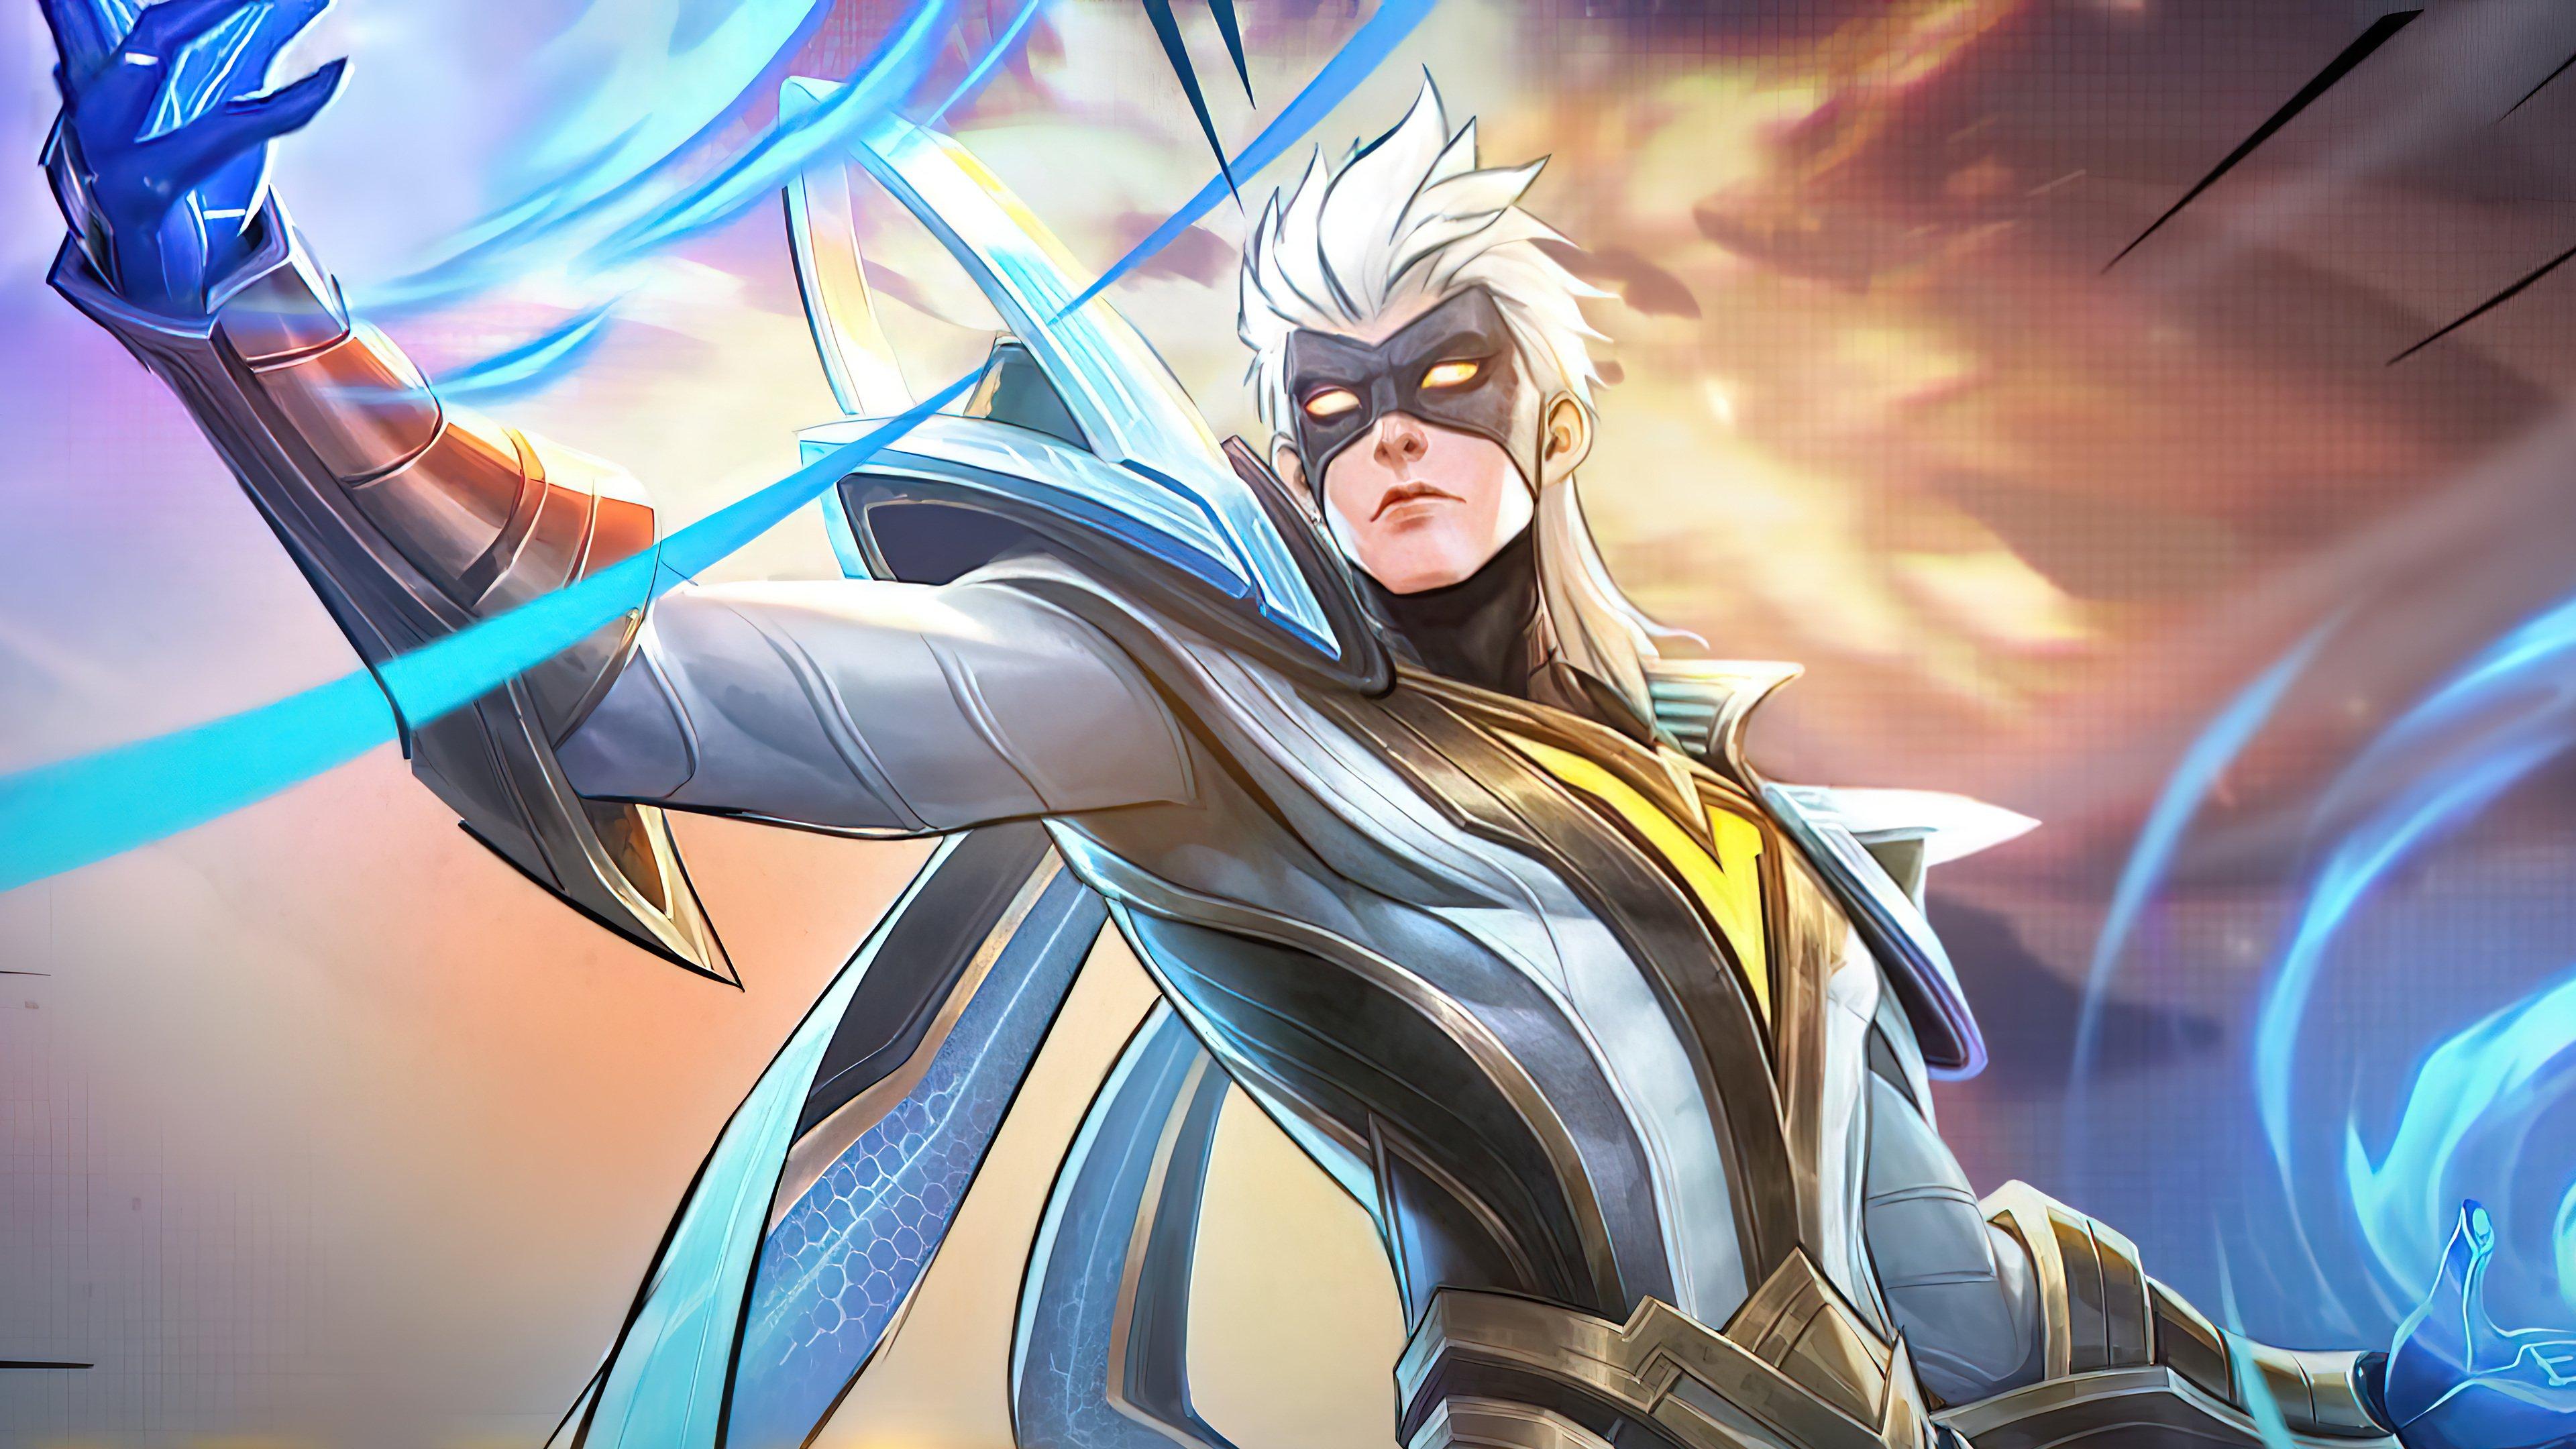 Fondos de pantalla Vale Blizzard Storm Mobile Legends Skin